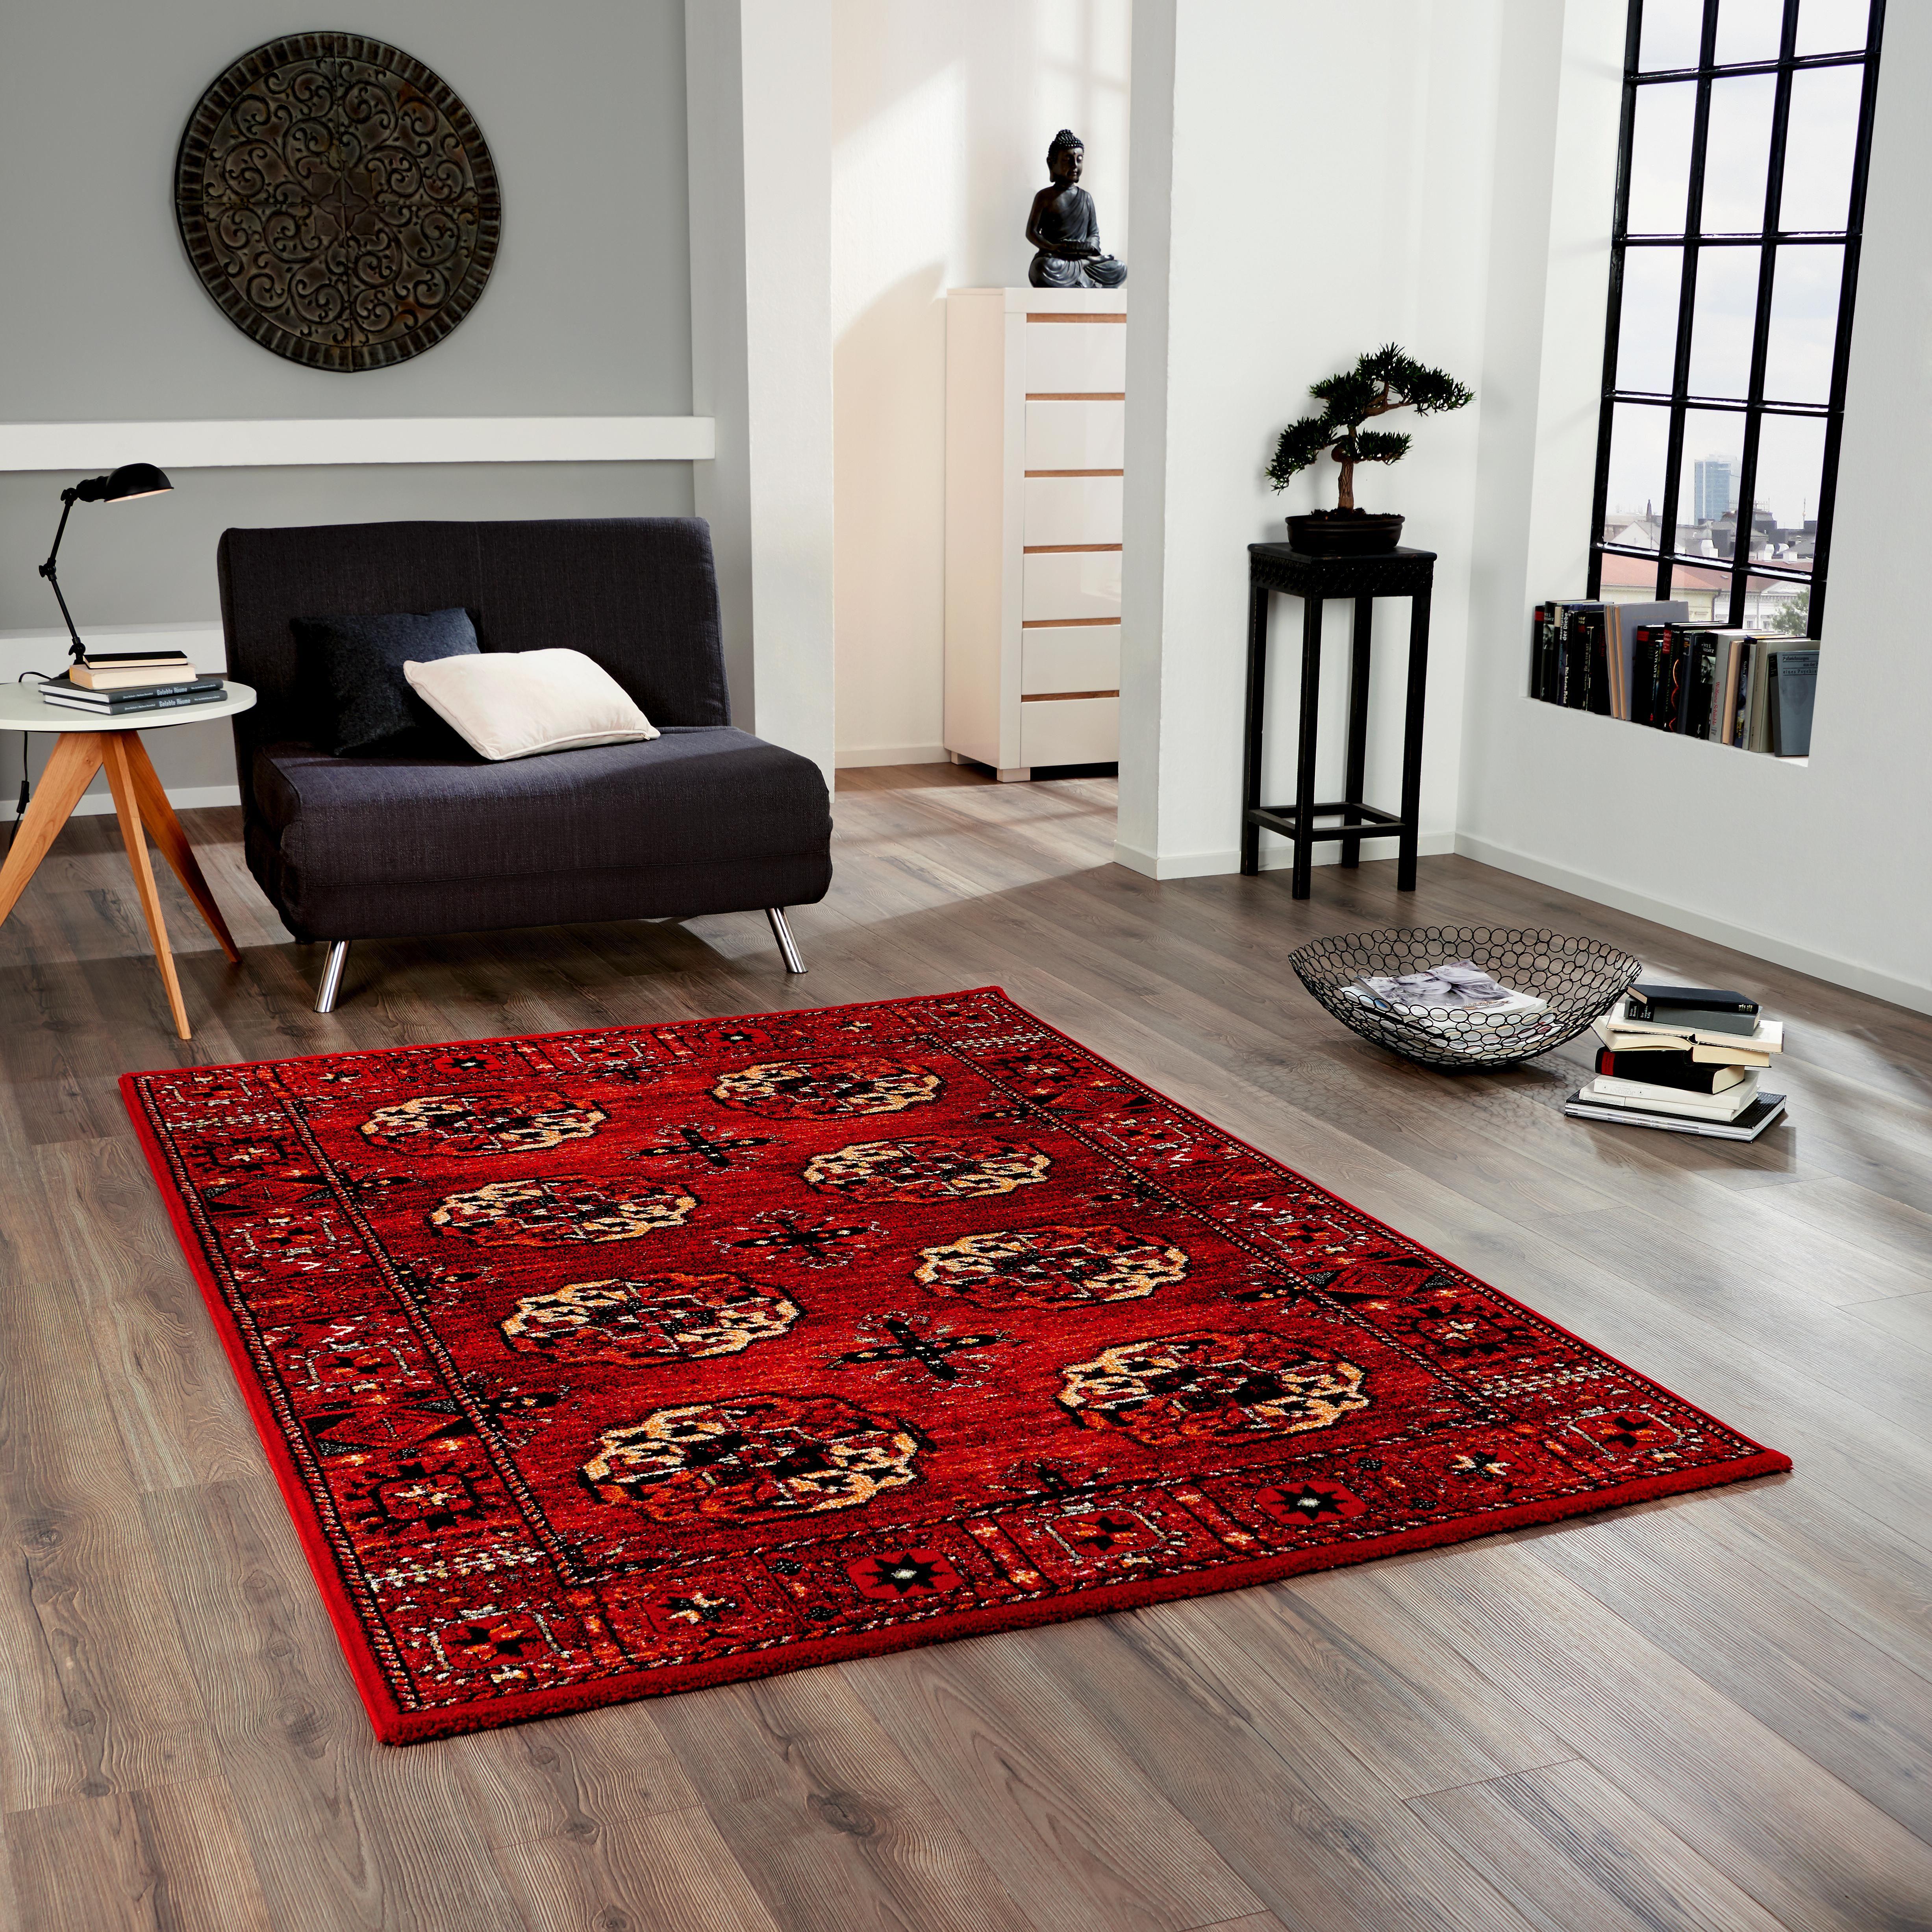 In Diesem Orientteppich Ist Die Tradition Und Die Handwerkskunst Iranisch Afghanischer Nomadenstämme Verwebt Wohnzimmer Design Haus Deko Afghanische Teppiche